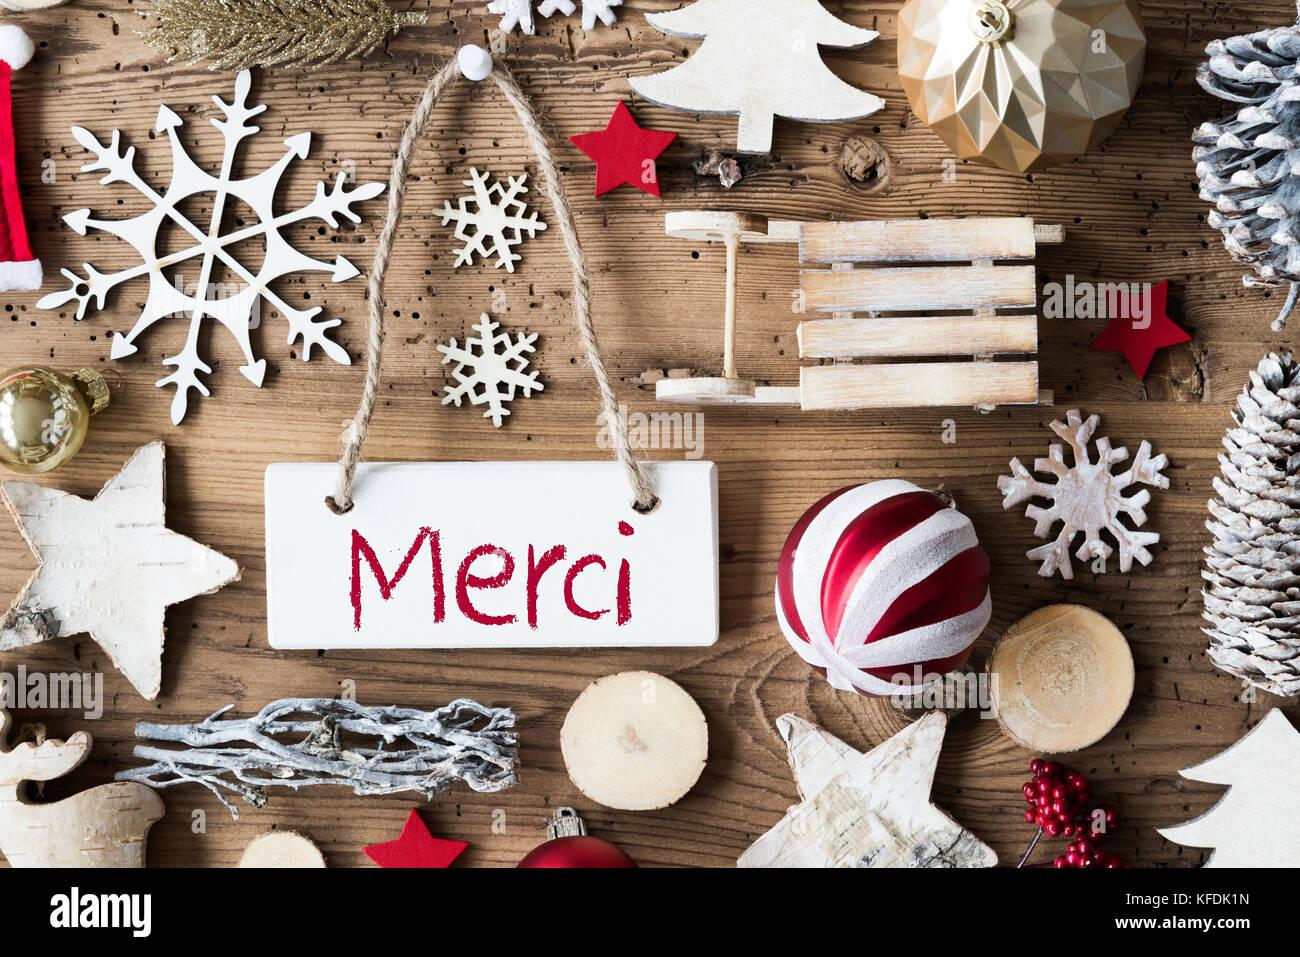 Namensschild mit französischen Text merci bedeutet Danke ...